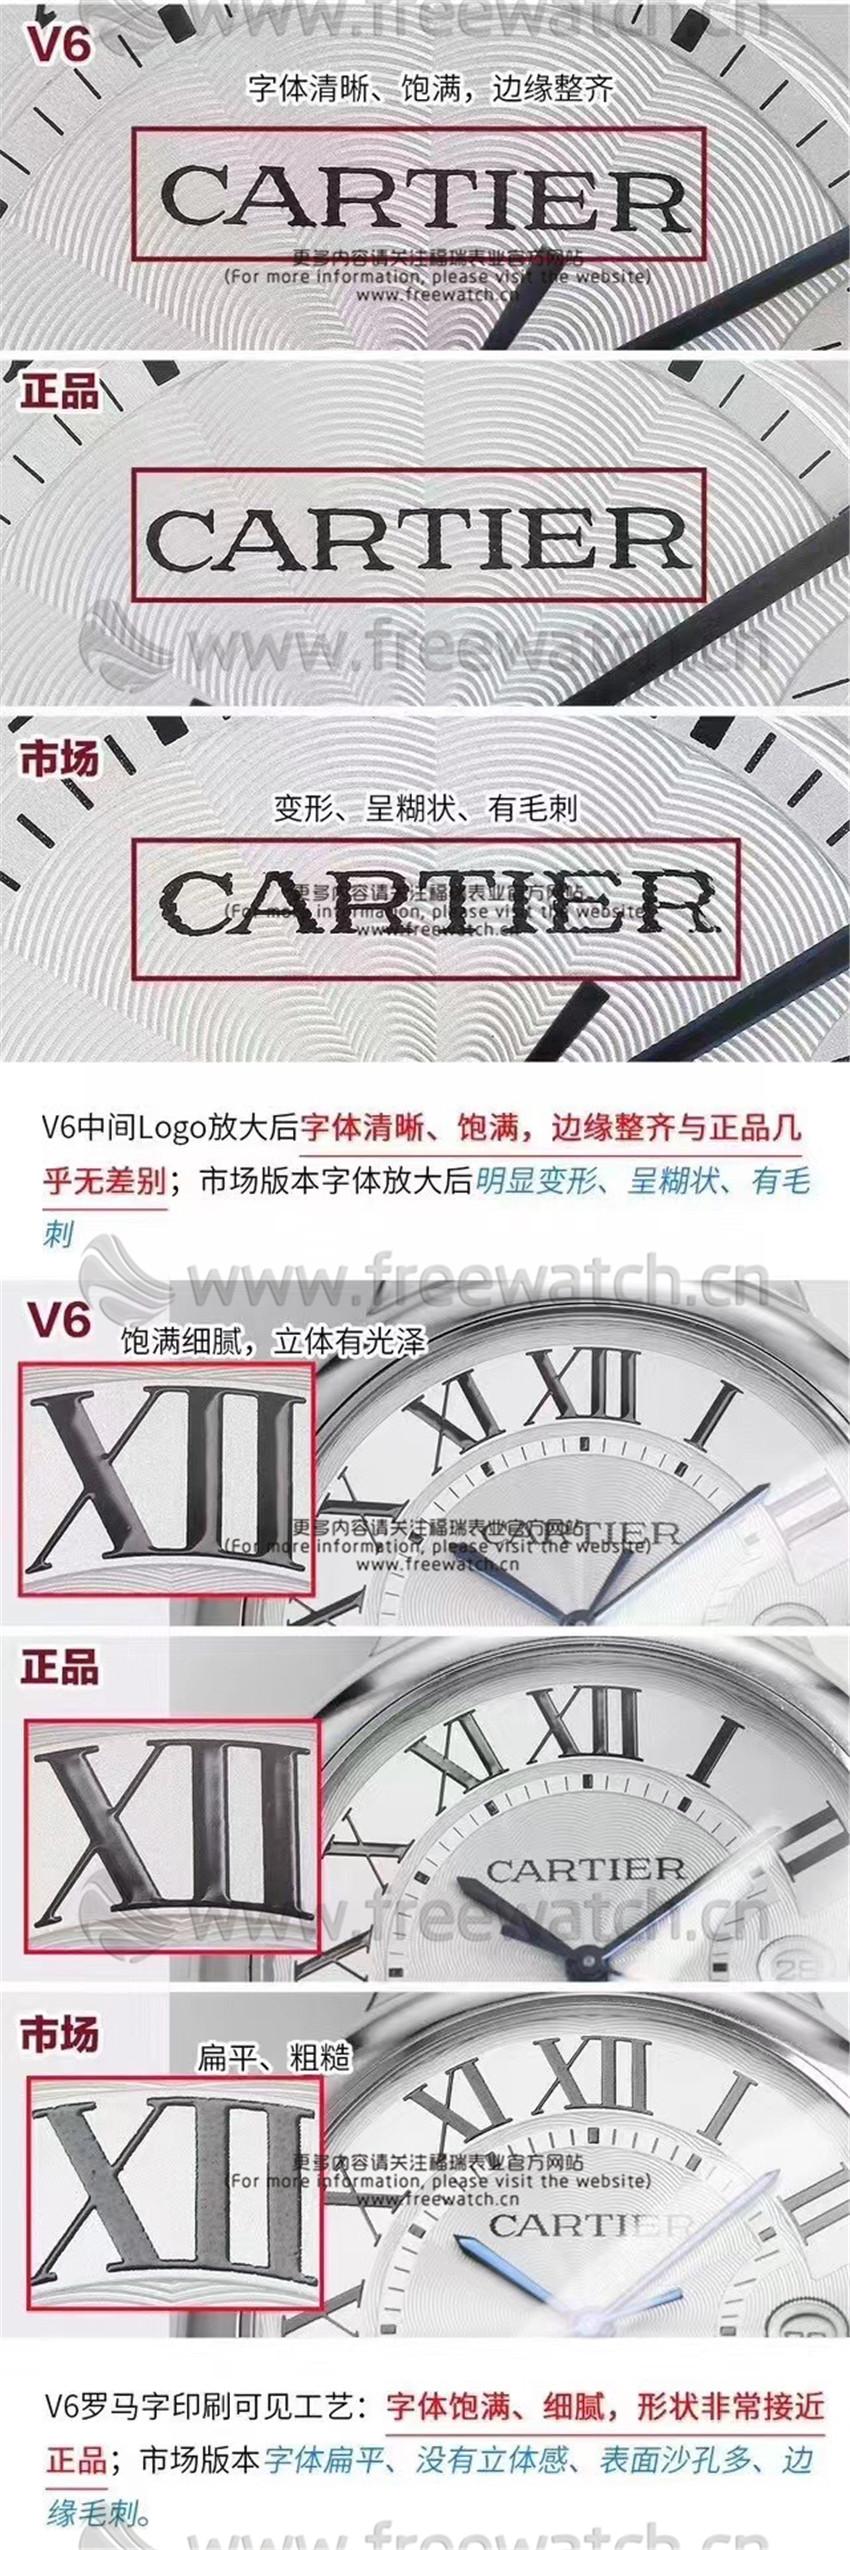 V6厂卡地亚蓝气球V7版42mm与正品对比评测和其他版本-第2张